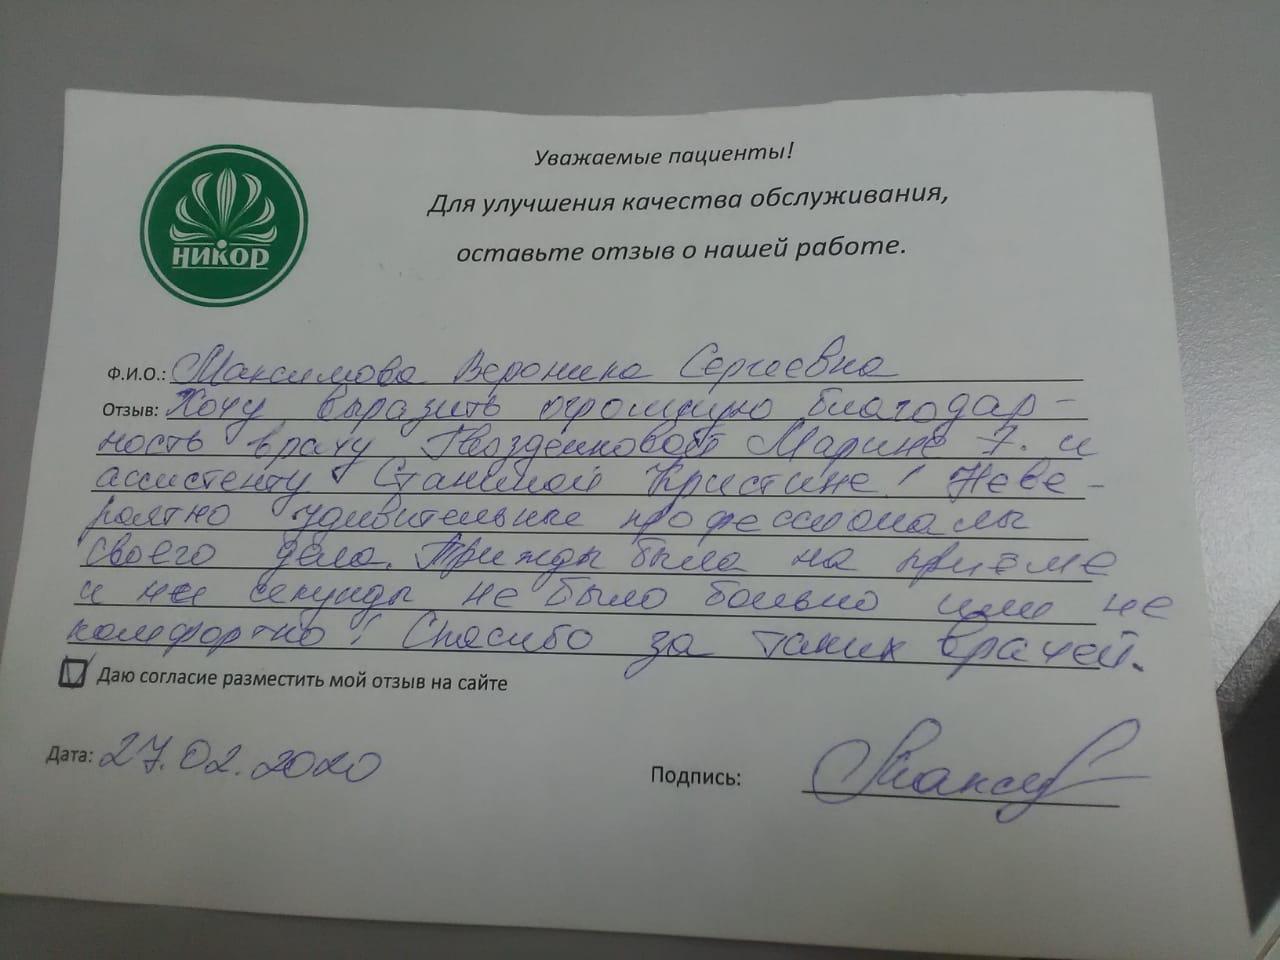 Вероника Сергеевна М.